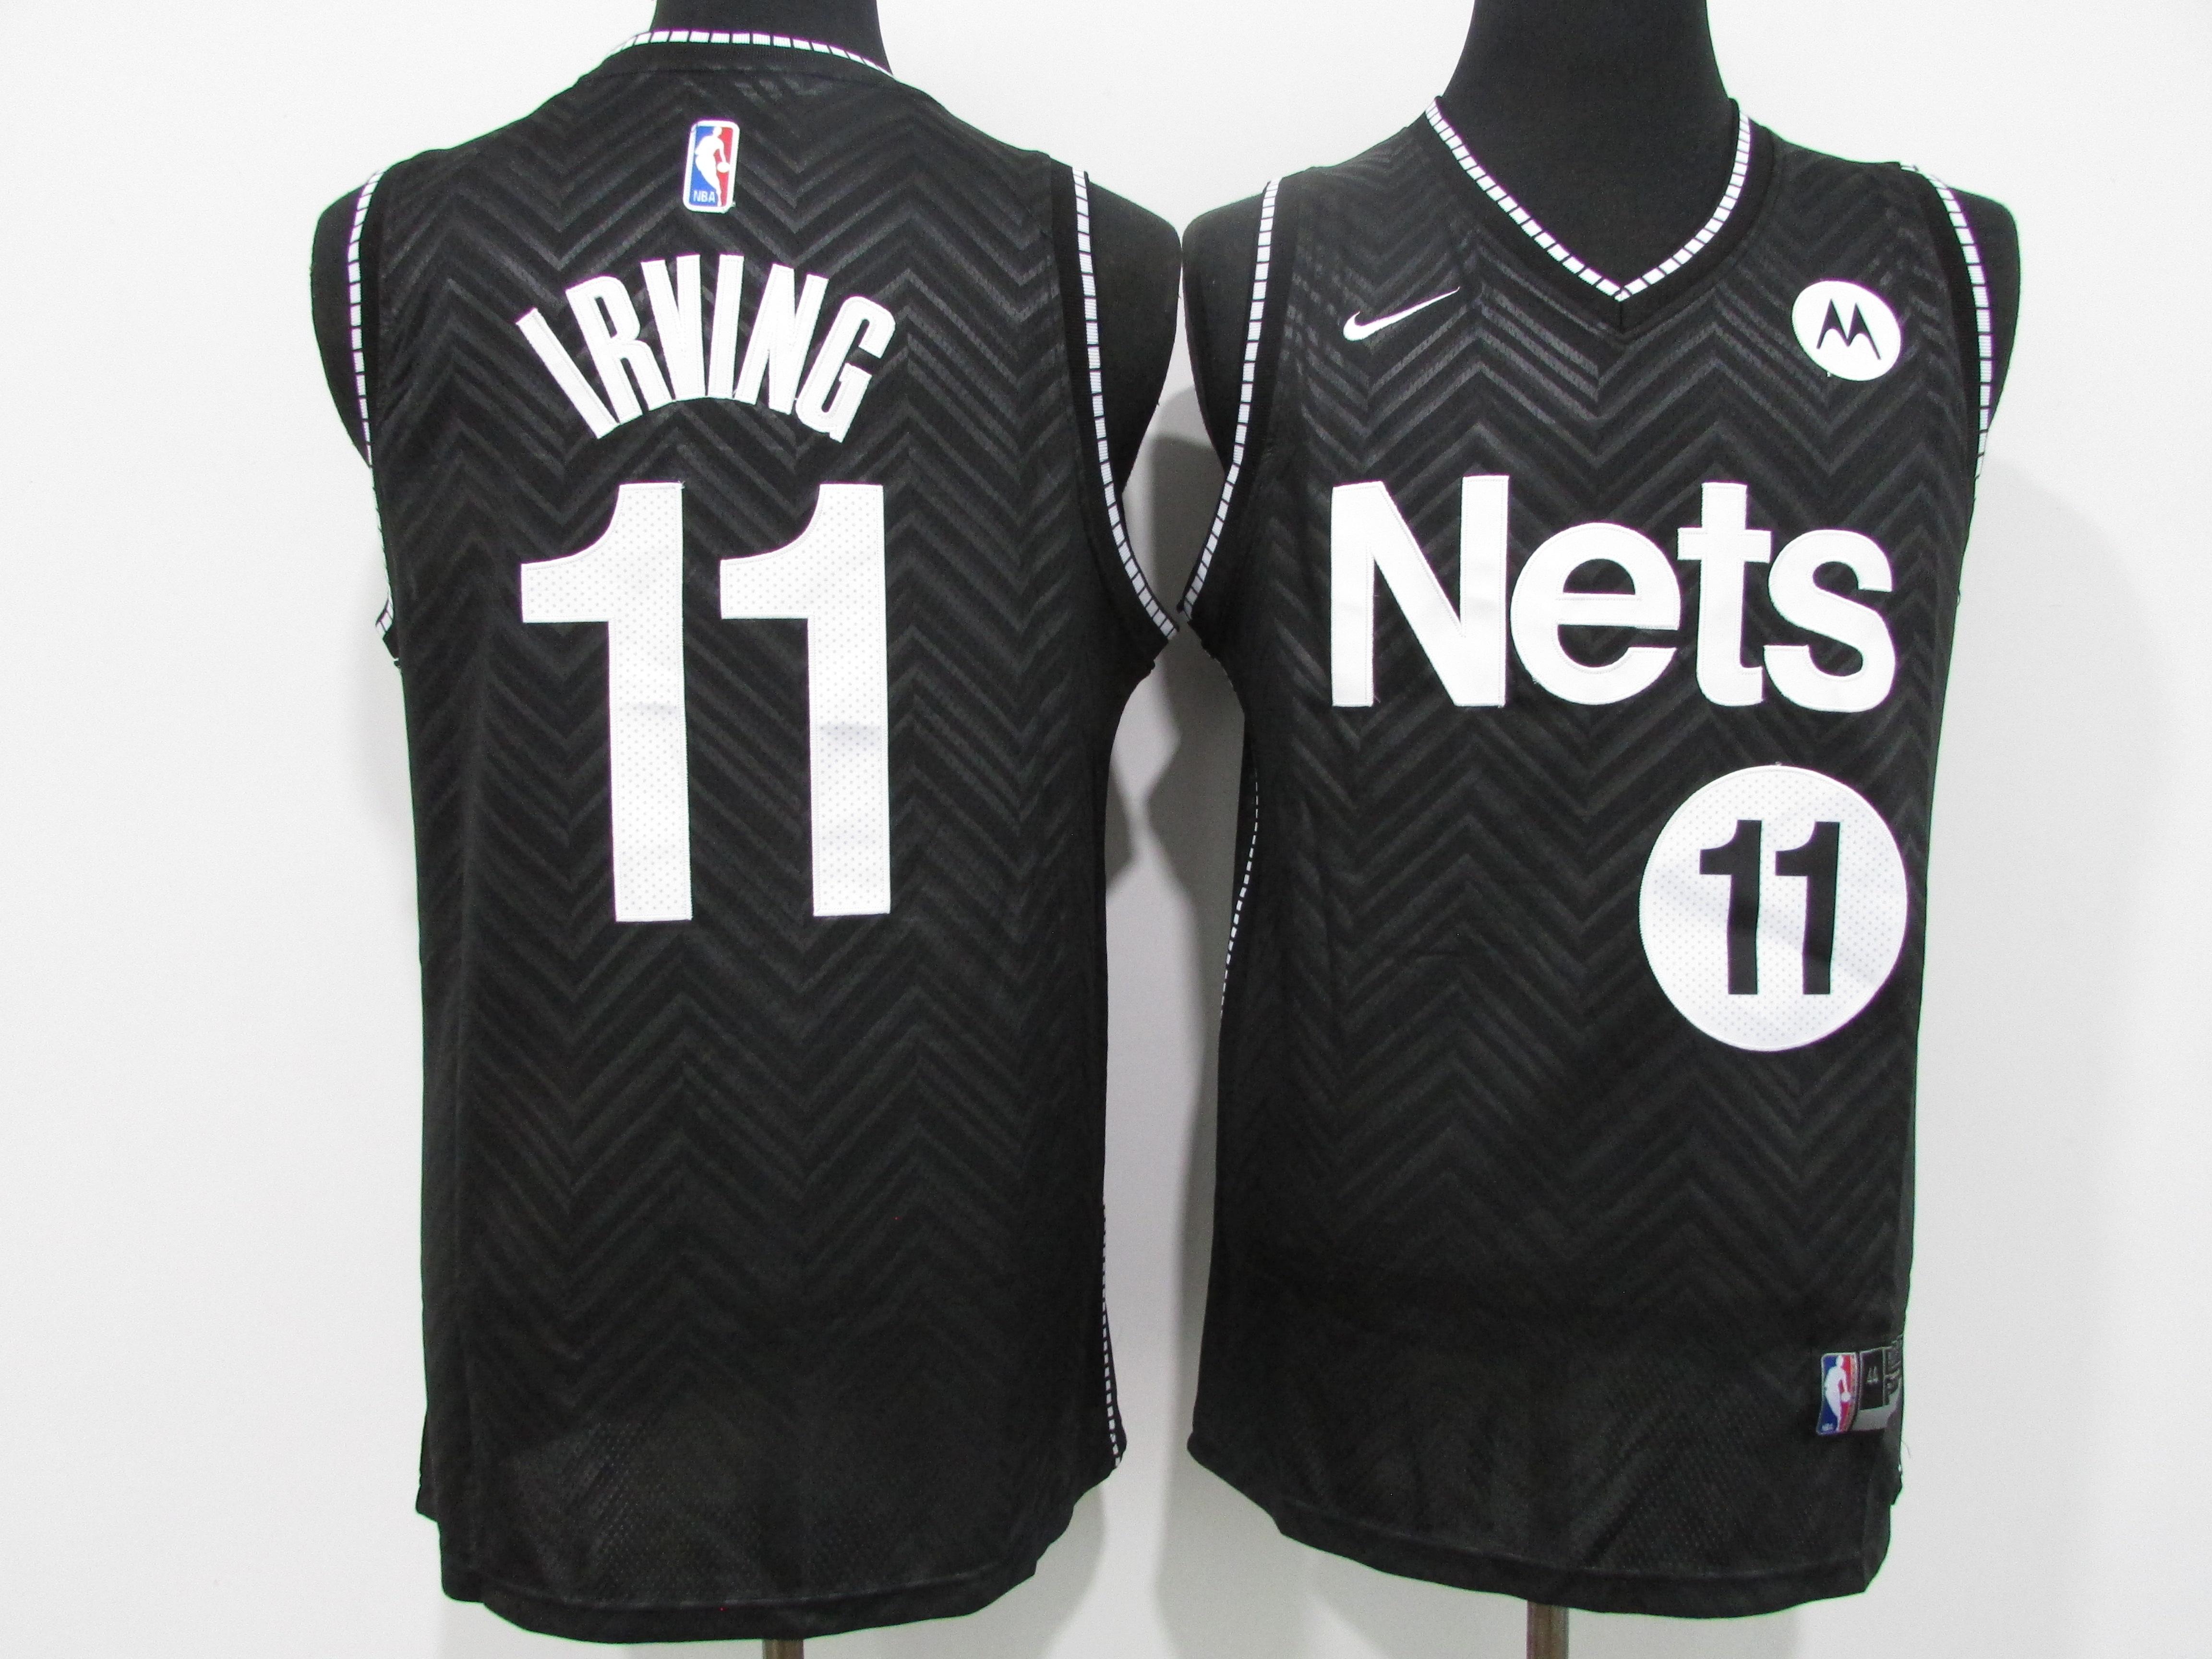 Nets 11 Kyrie Irving Black 2021 Earned Edition Swingman Jersey